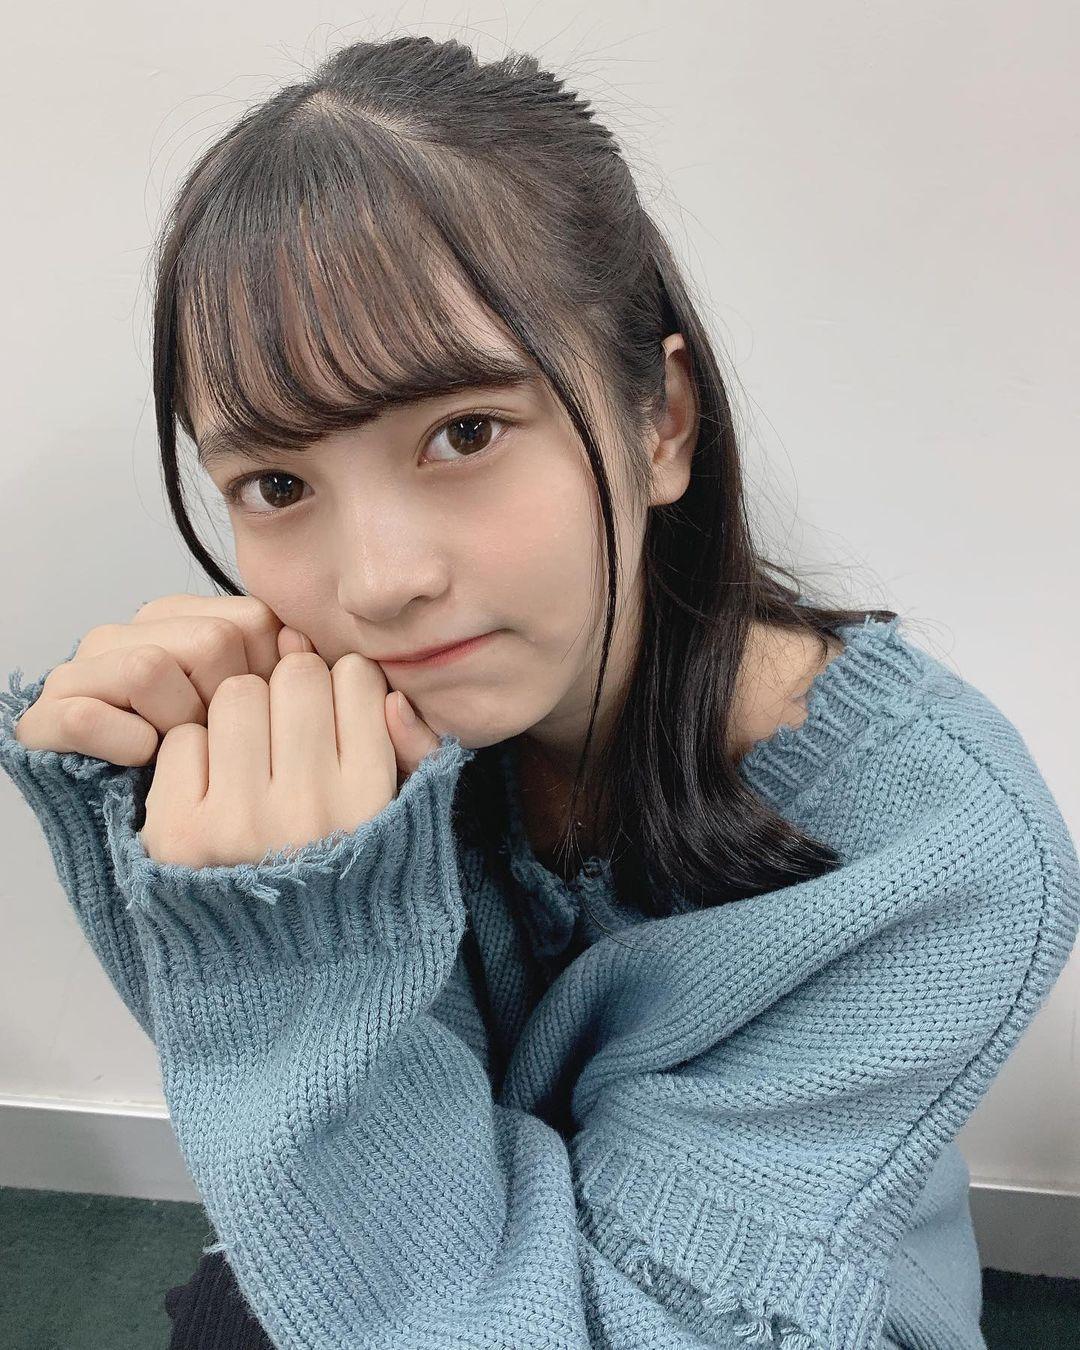 青春妹子无限18岁黑嵜菜菜子长得可爱 网络美女 第7张